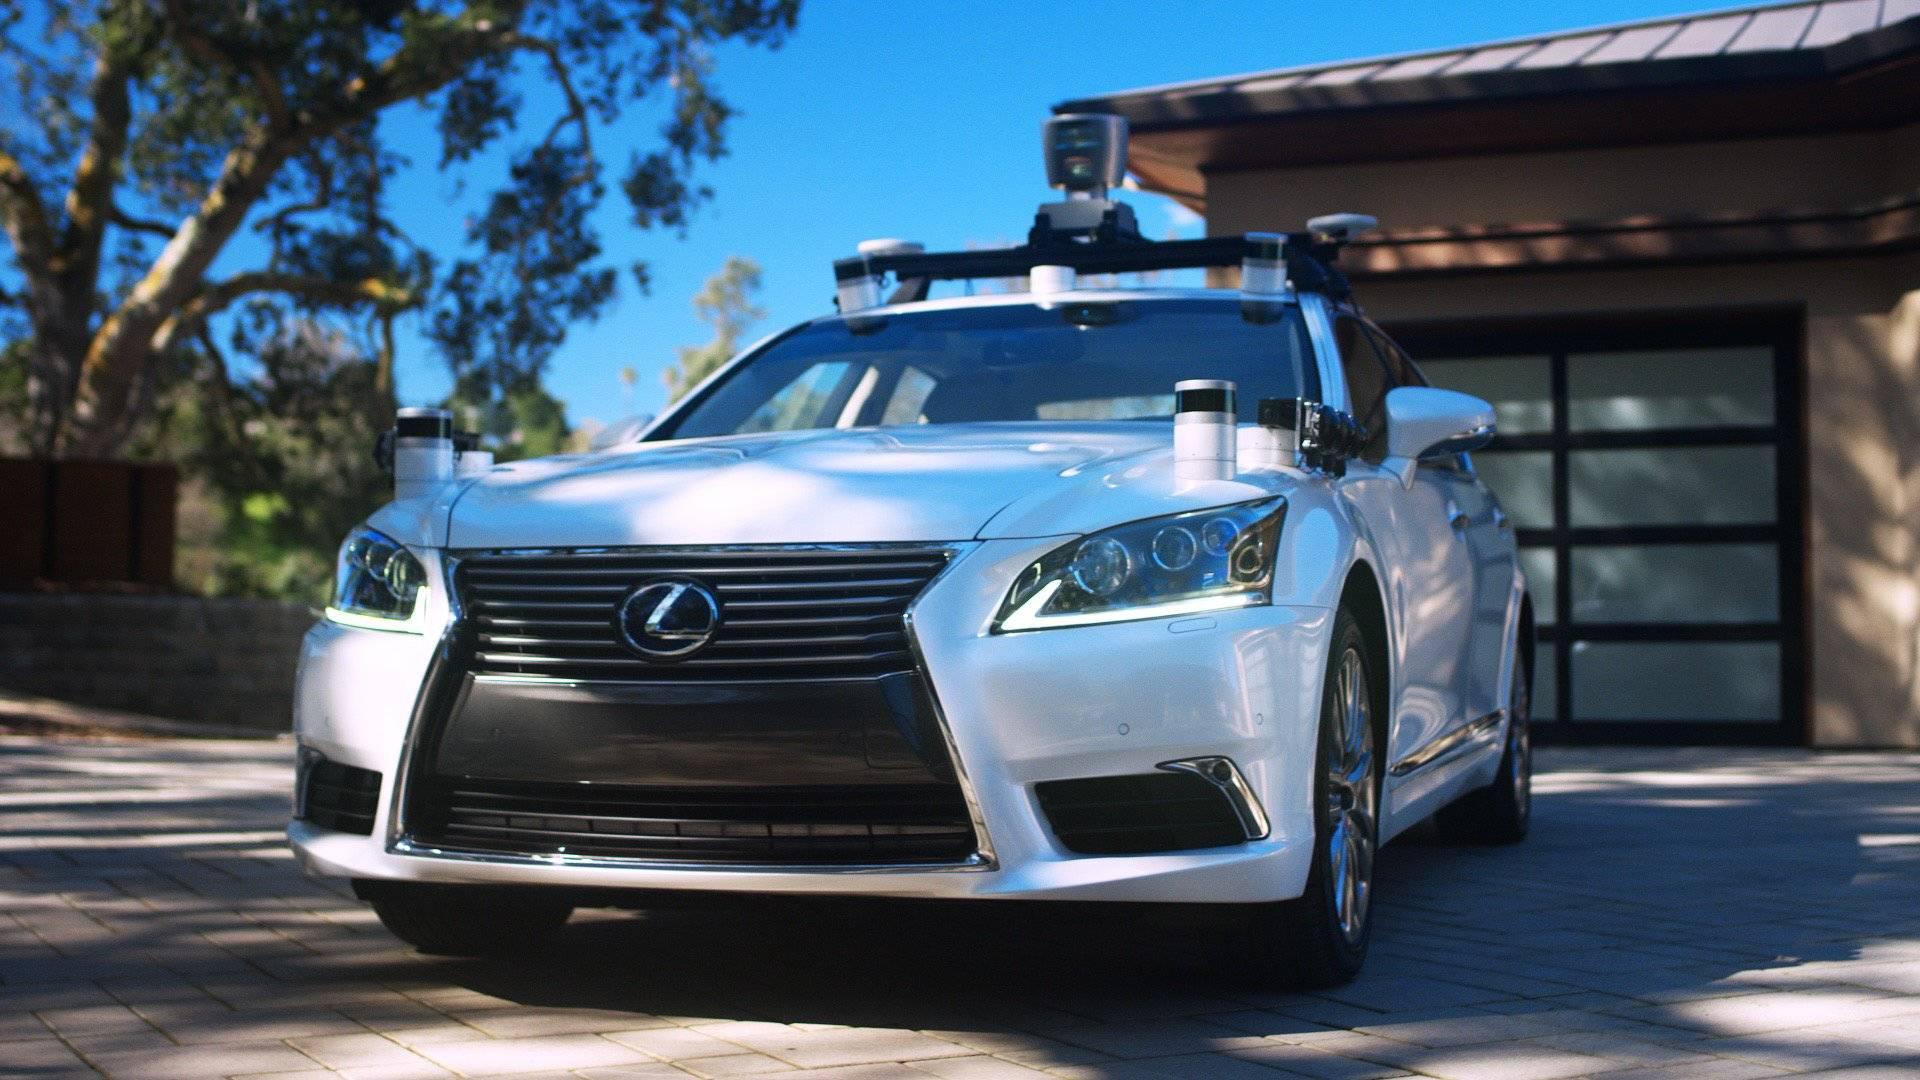 Trzeba przekonać ludzi do autonomicznych samochodów. Może podczas igrzysk olimpijskich? 25